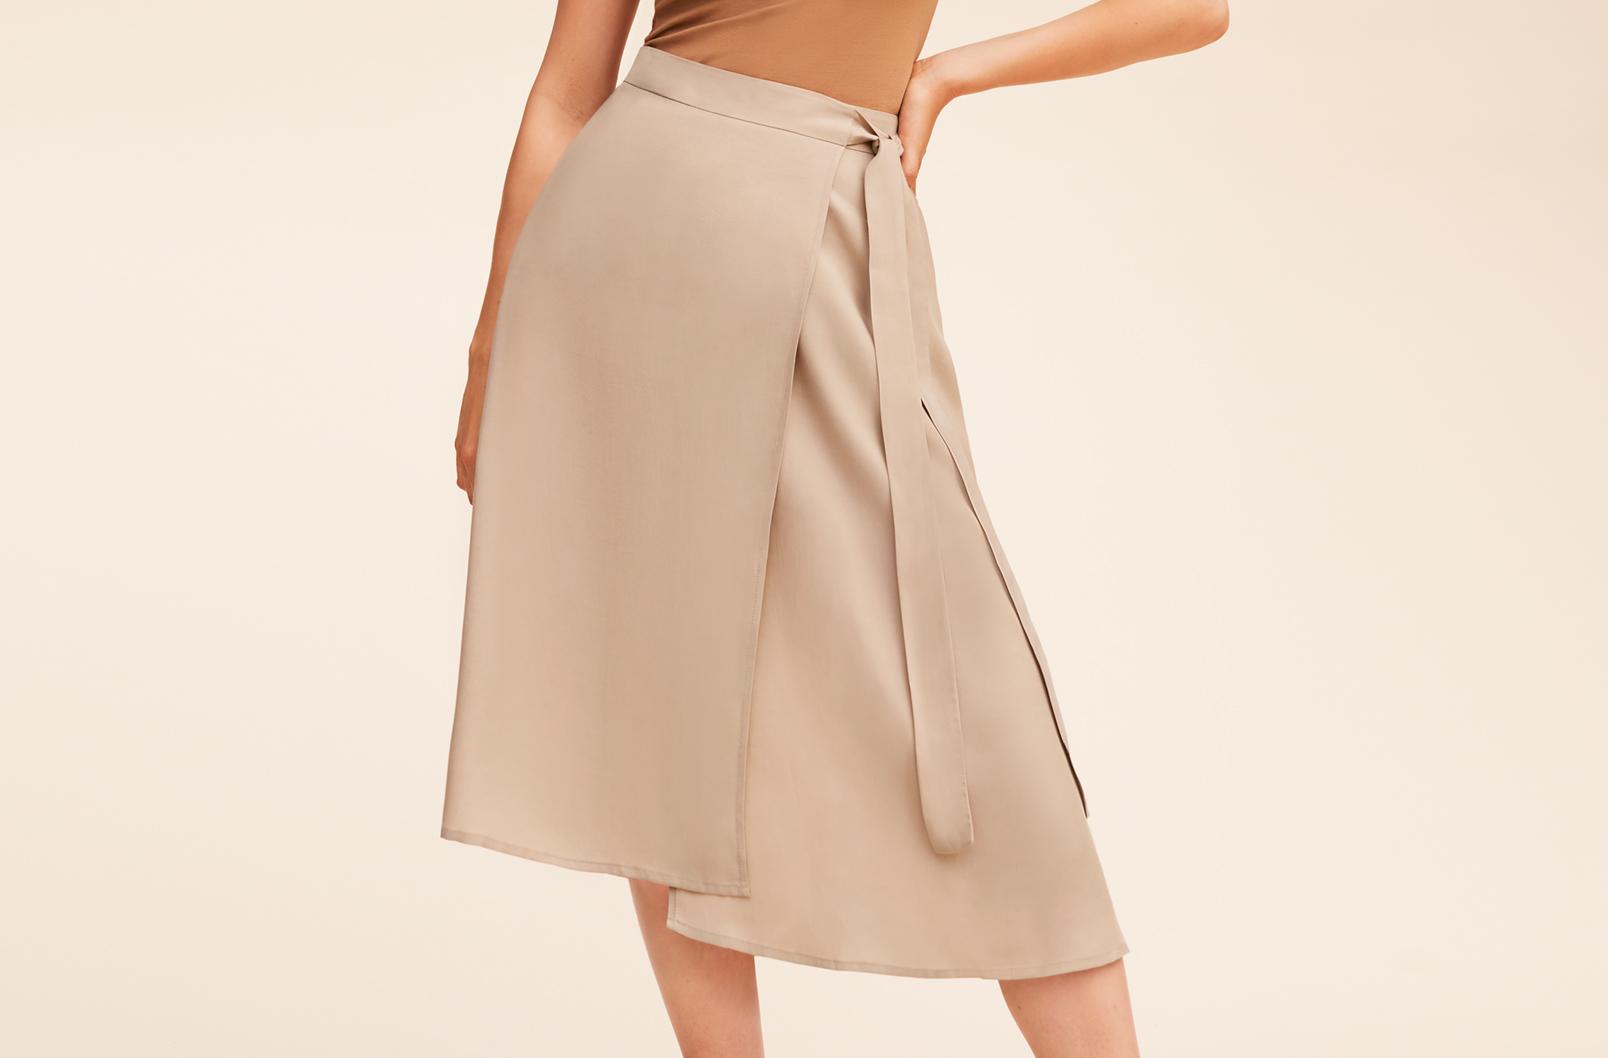 Cuyana Wrap Skirt on model